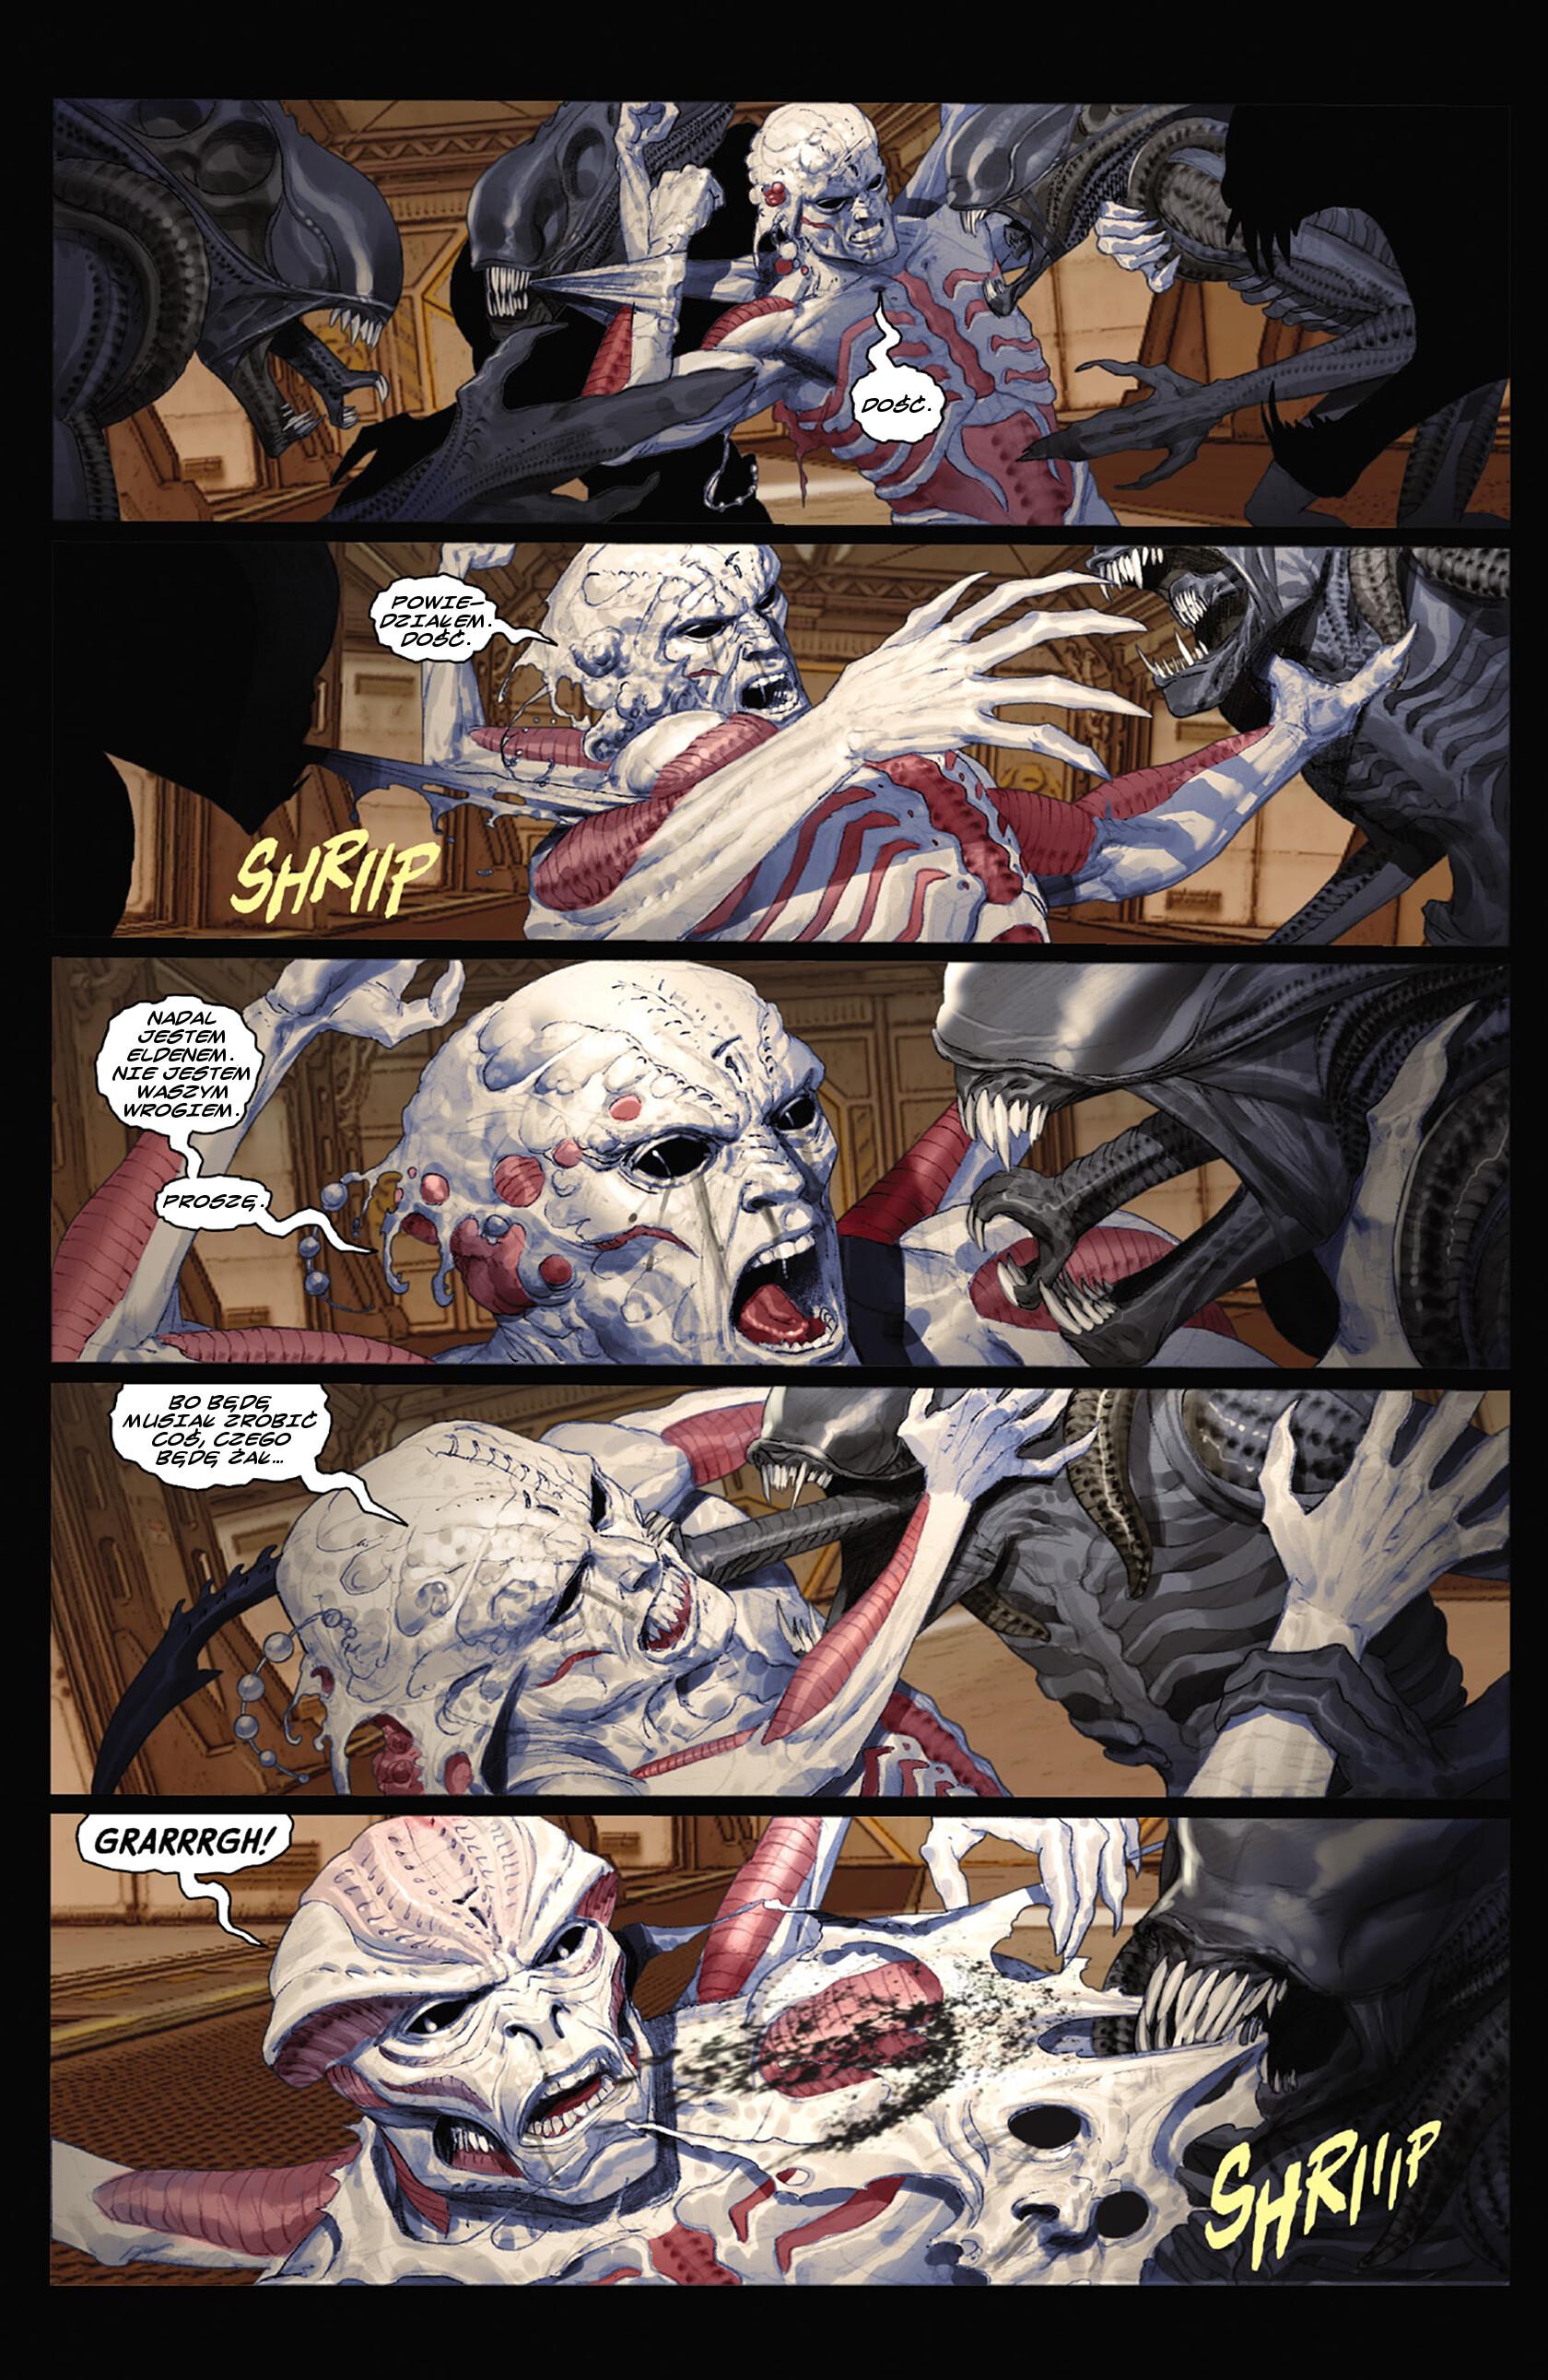 Read online Alien vs. Predator: Fire and Stone comic -  Issue #3 - 3